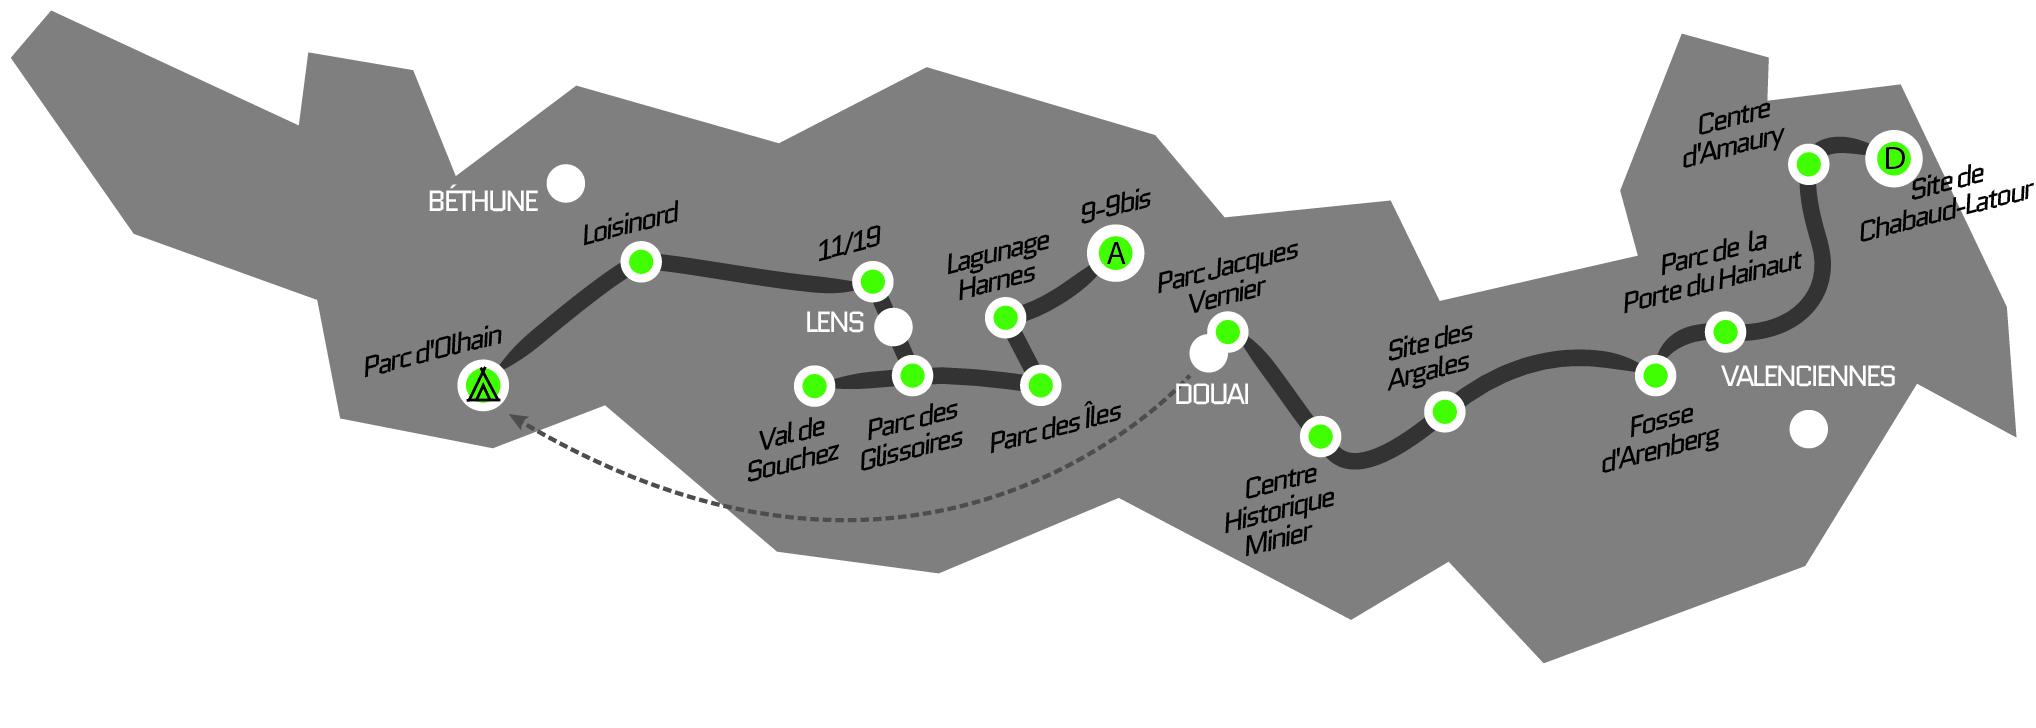 carte sites RBM 2015